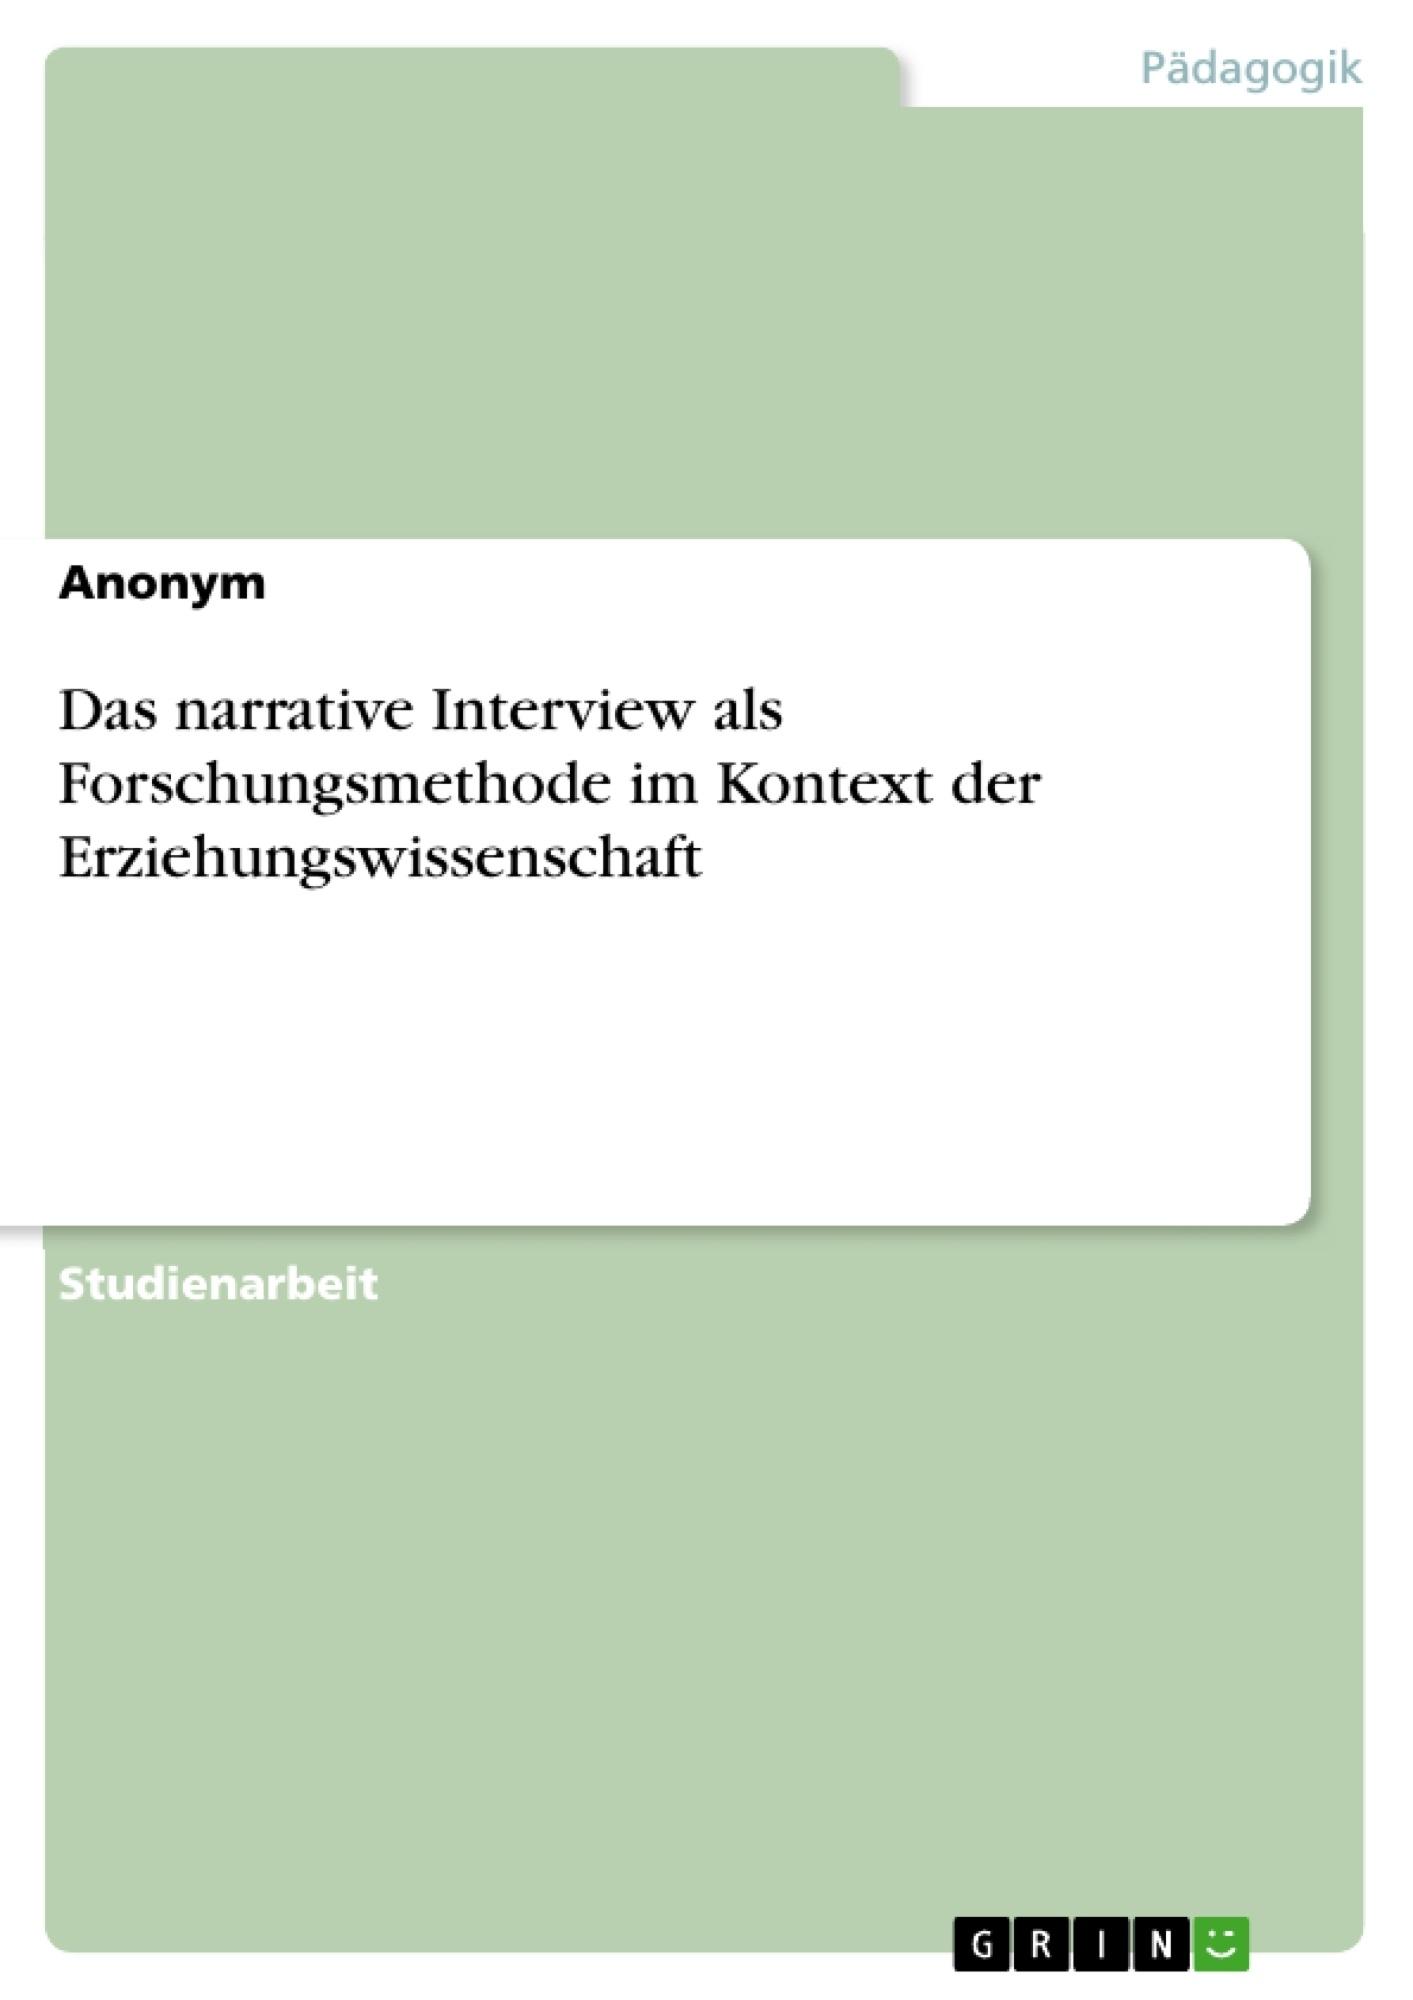 Titel: Das narrative Interview als Forschungsmethode im Kontext der Erziehungswissenschaft